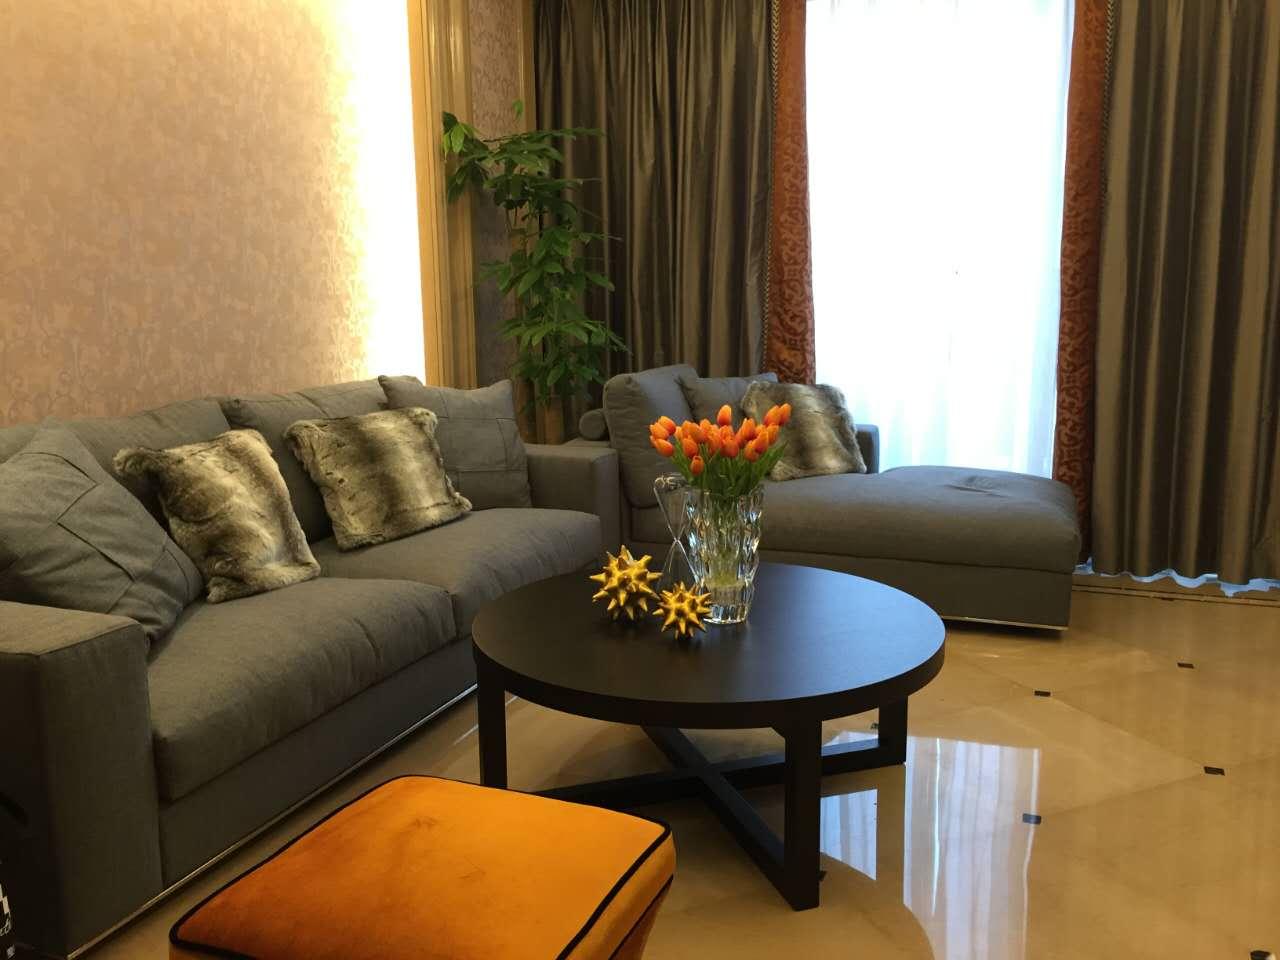 欧式 整天软装设 装修案例 家具 精装房 客厅图片来自洛克整体软装设计在【洛克案例】润富国际精装房的分享